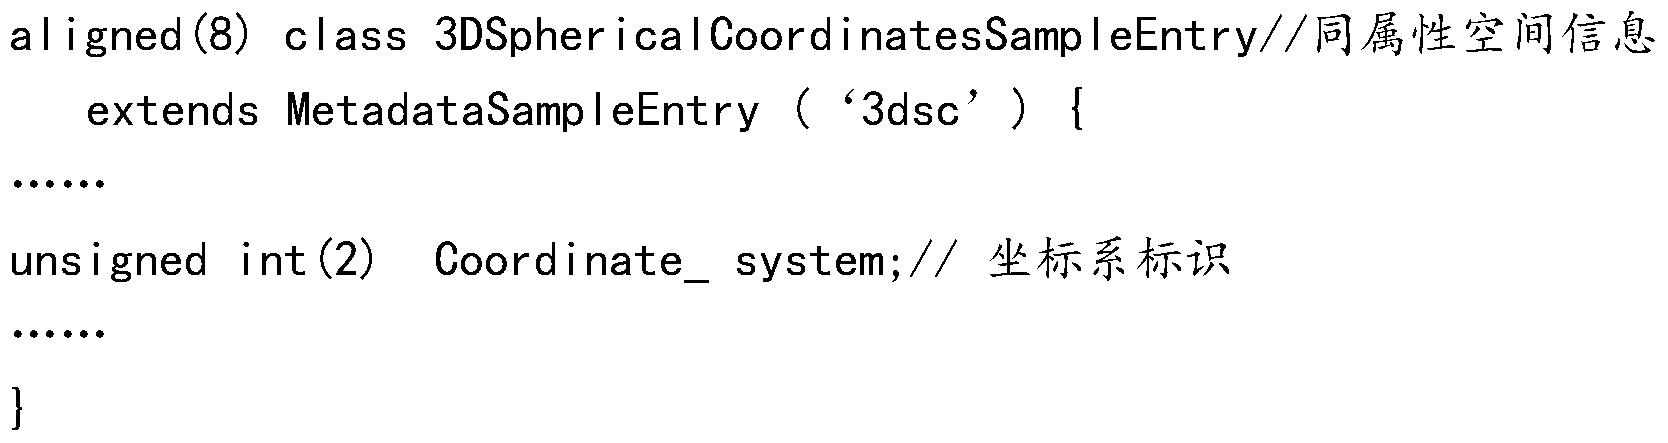 Figure PCTCN2017078585-appb-000011